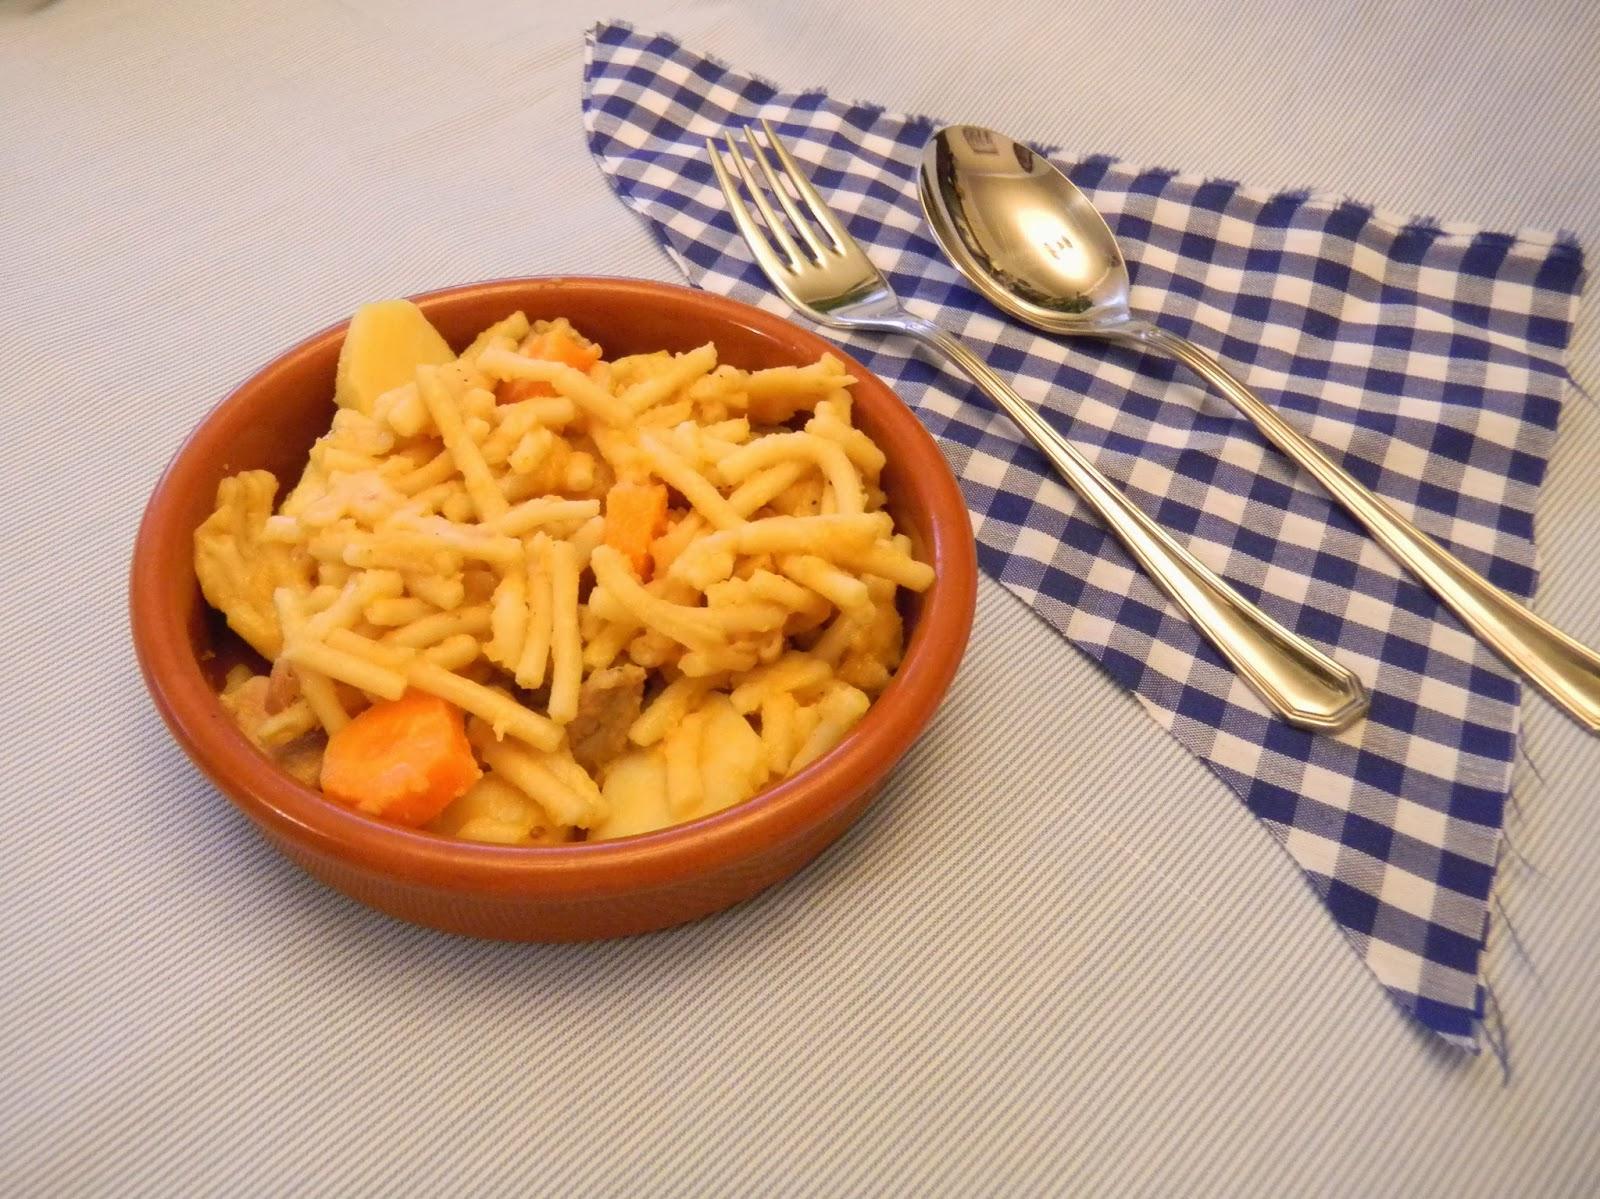 http://cuinasensemaldecap.blogspot.com.es/2012/09/fideus-la-cassola.html